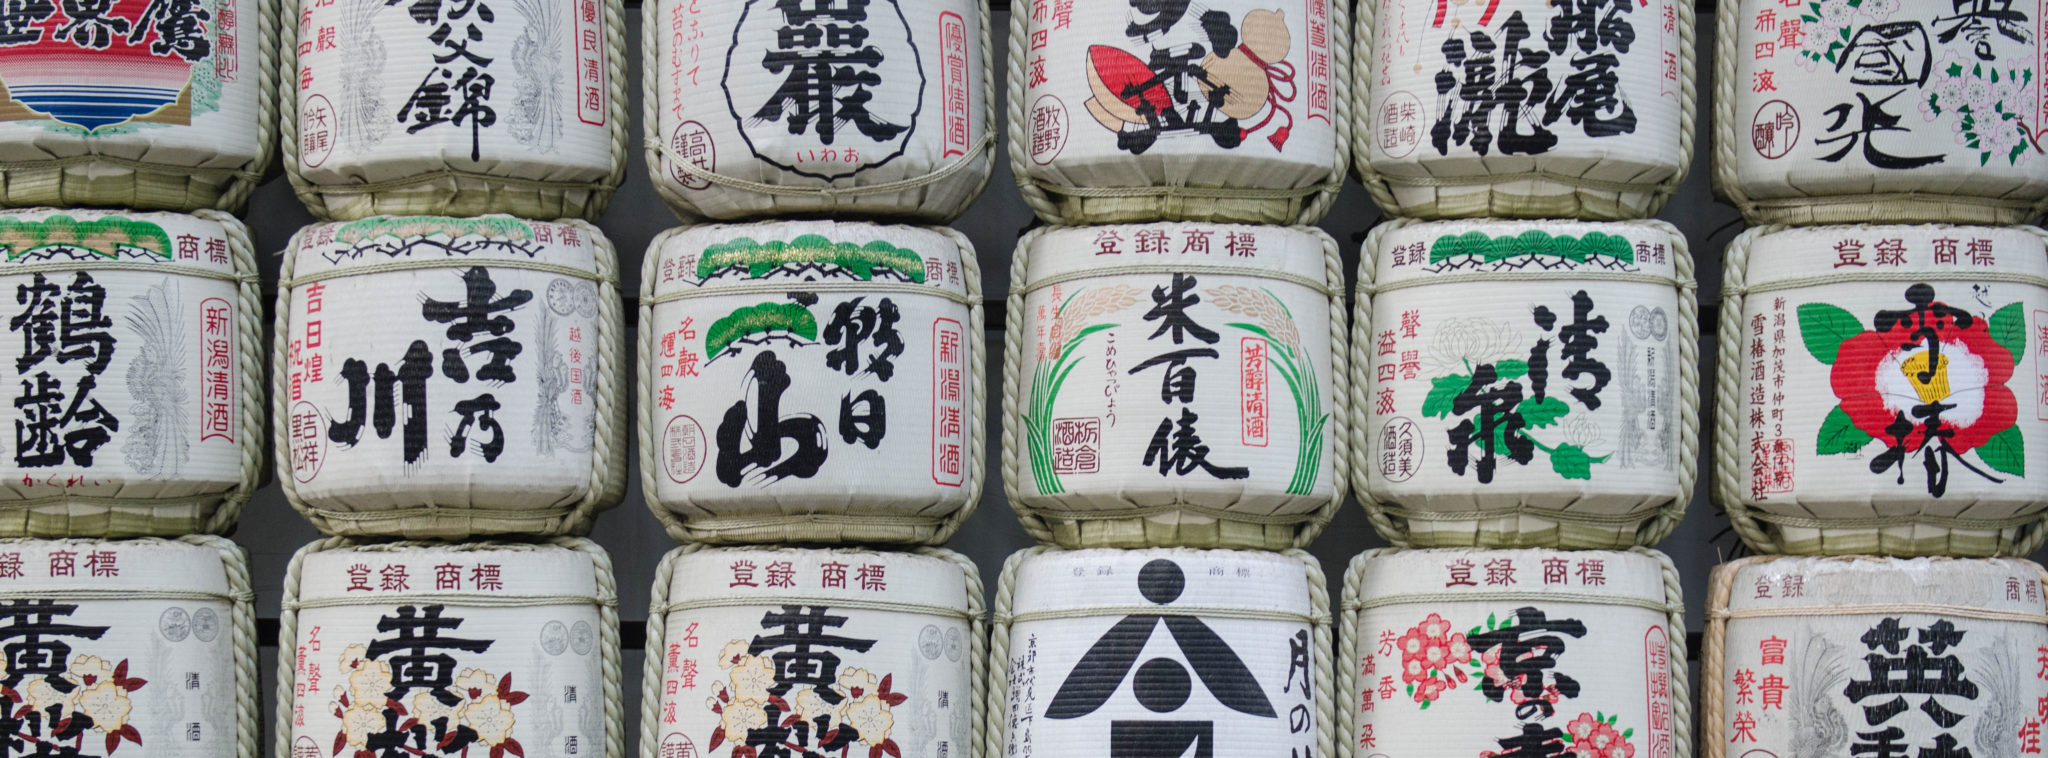 Der Travellers Archive Japan Reisebericht mit allen Tipps zu Japan.